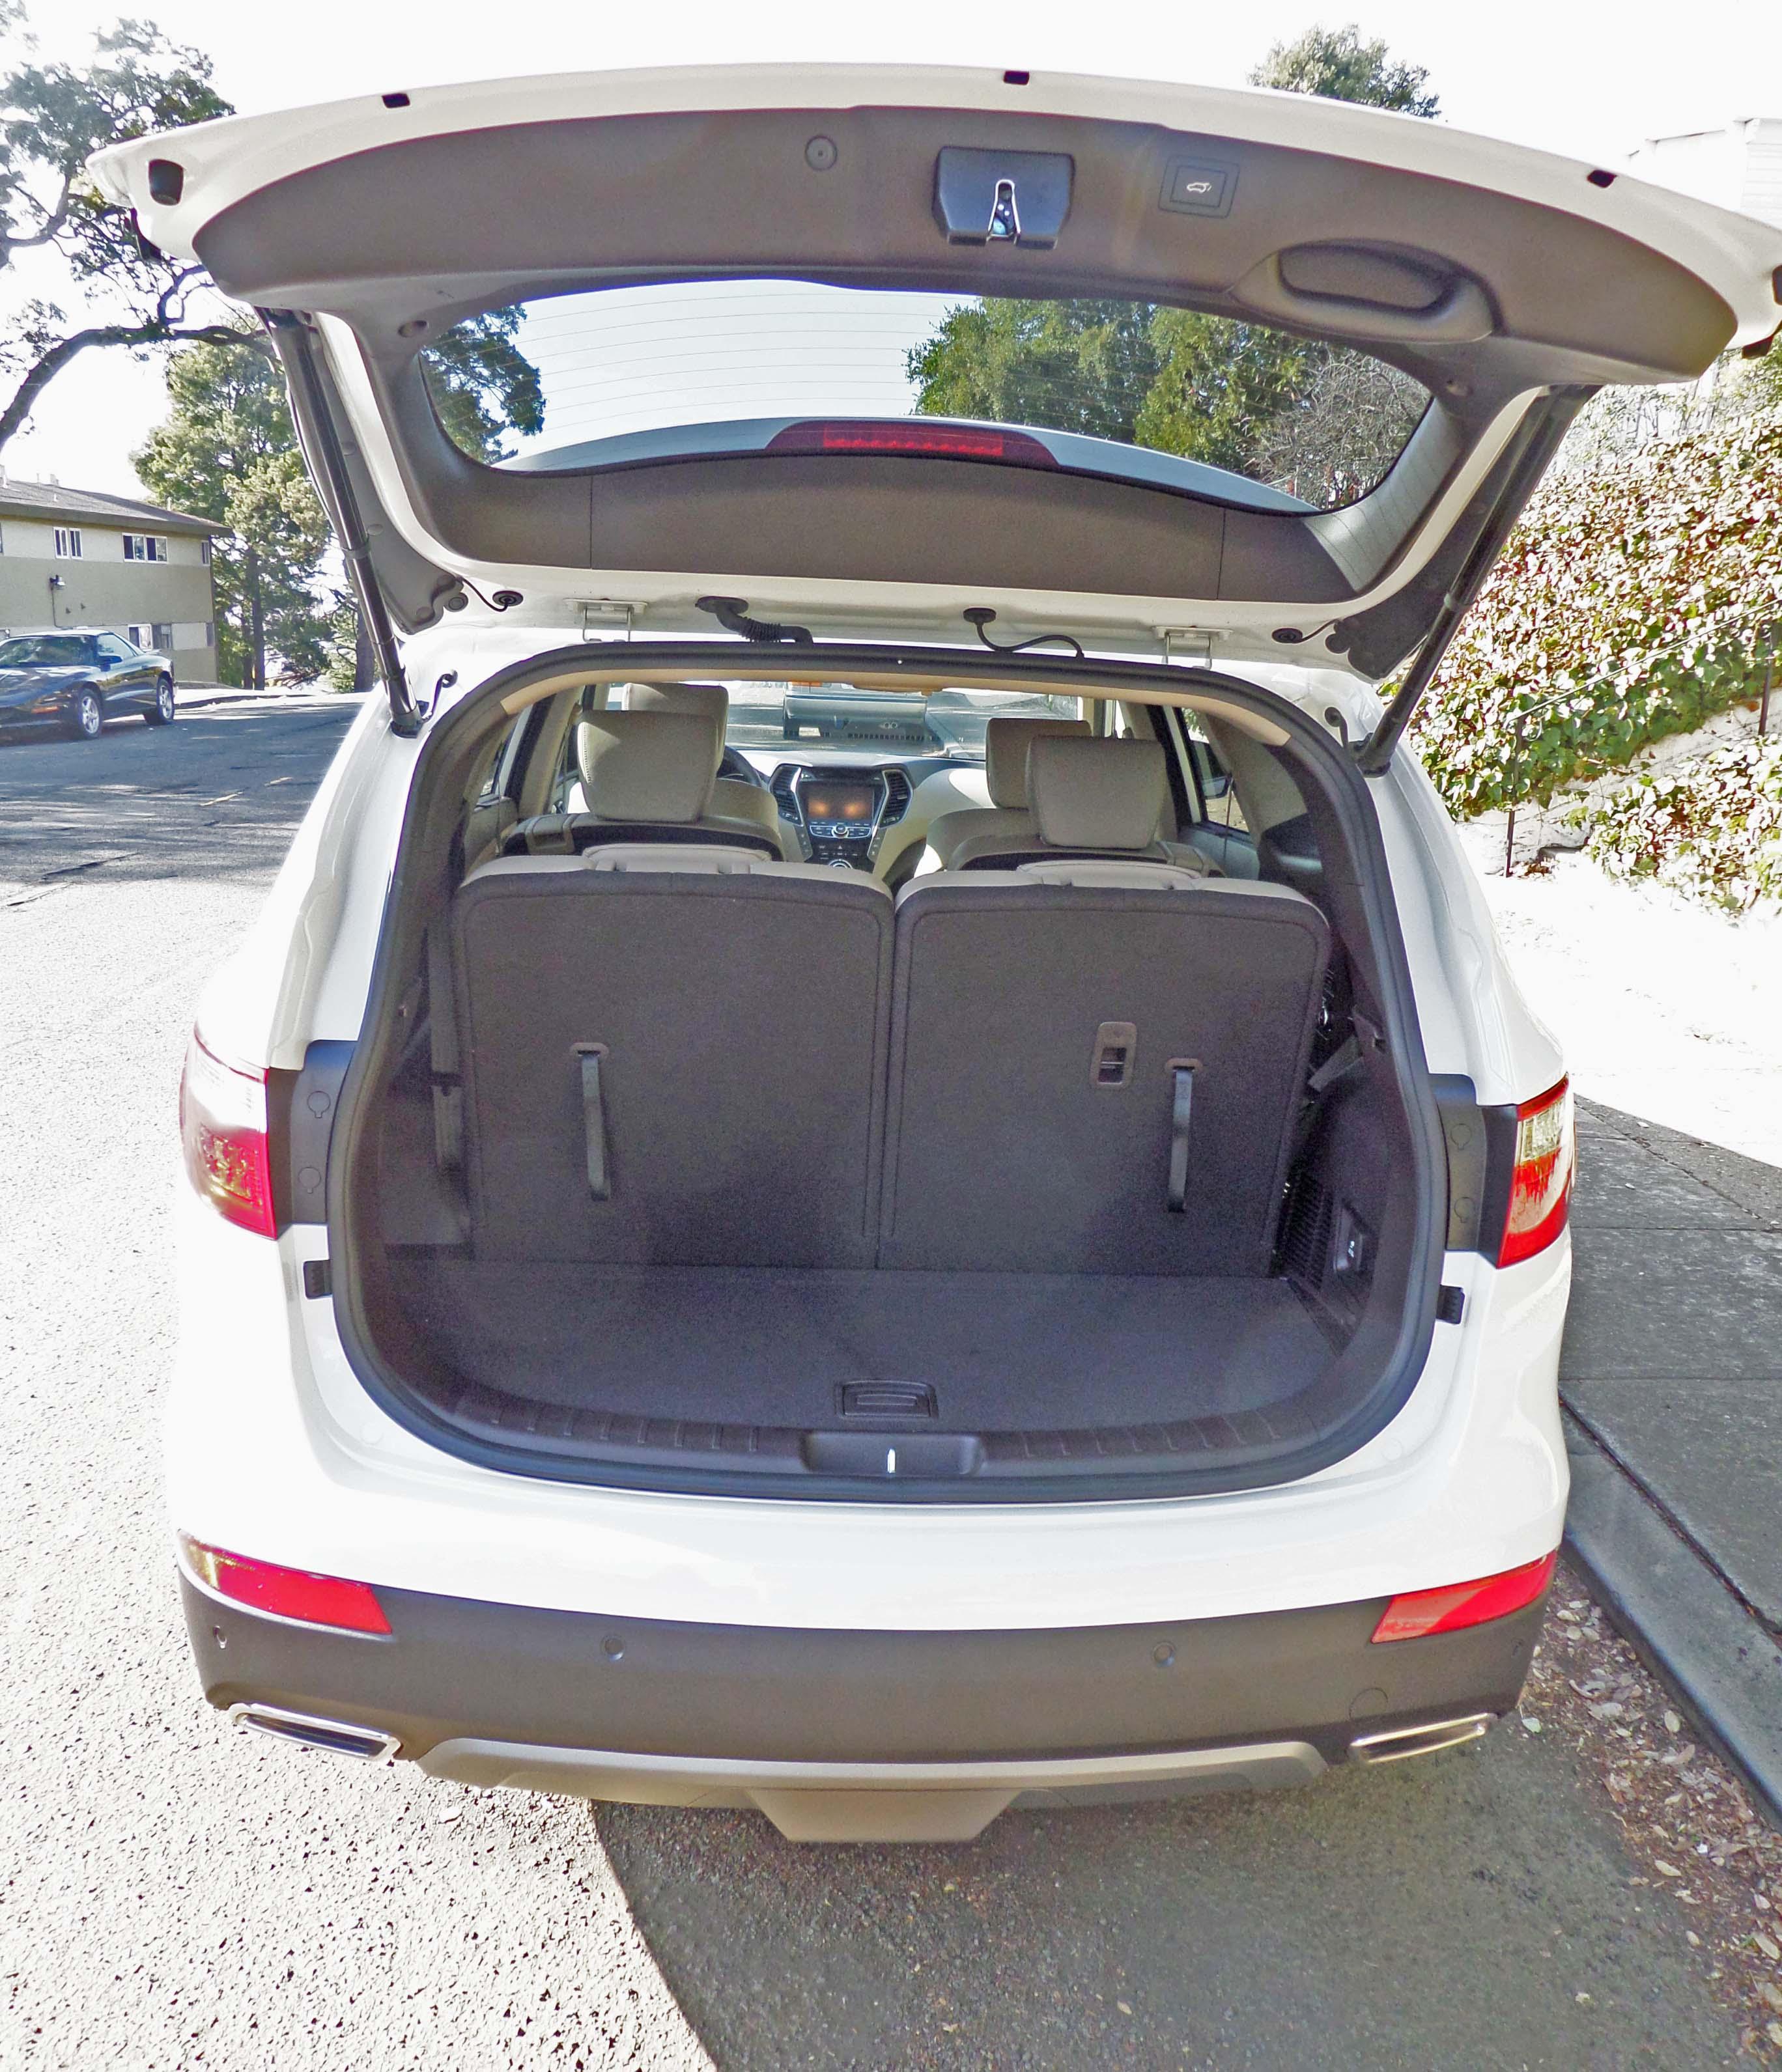 Hyundai 6 Passenger: 2014 Hyundai Santa Fe Limited Test Drive